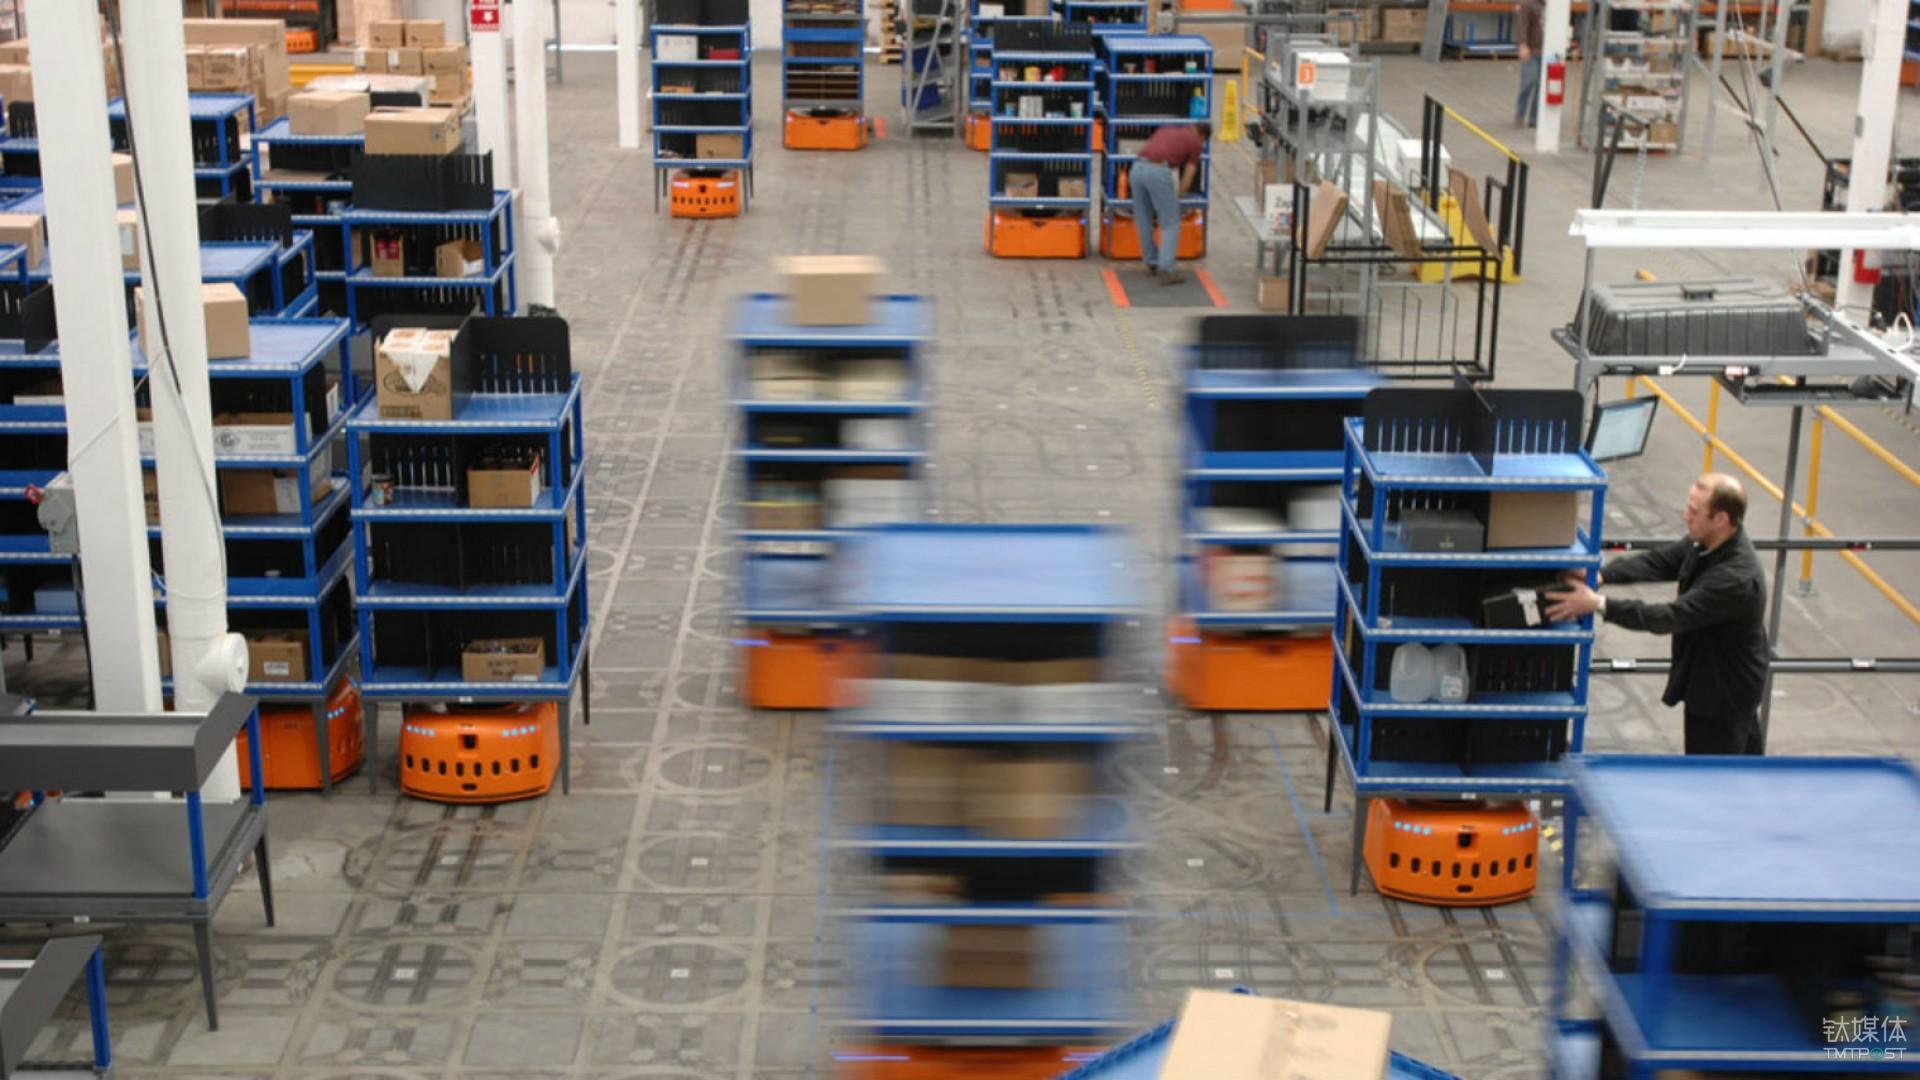 在收购 Kiva Systems 后,Amazon 打造出了世界上最庞大的仓库机器人集群